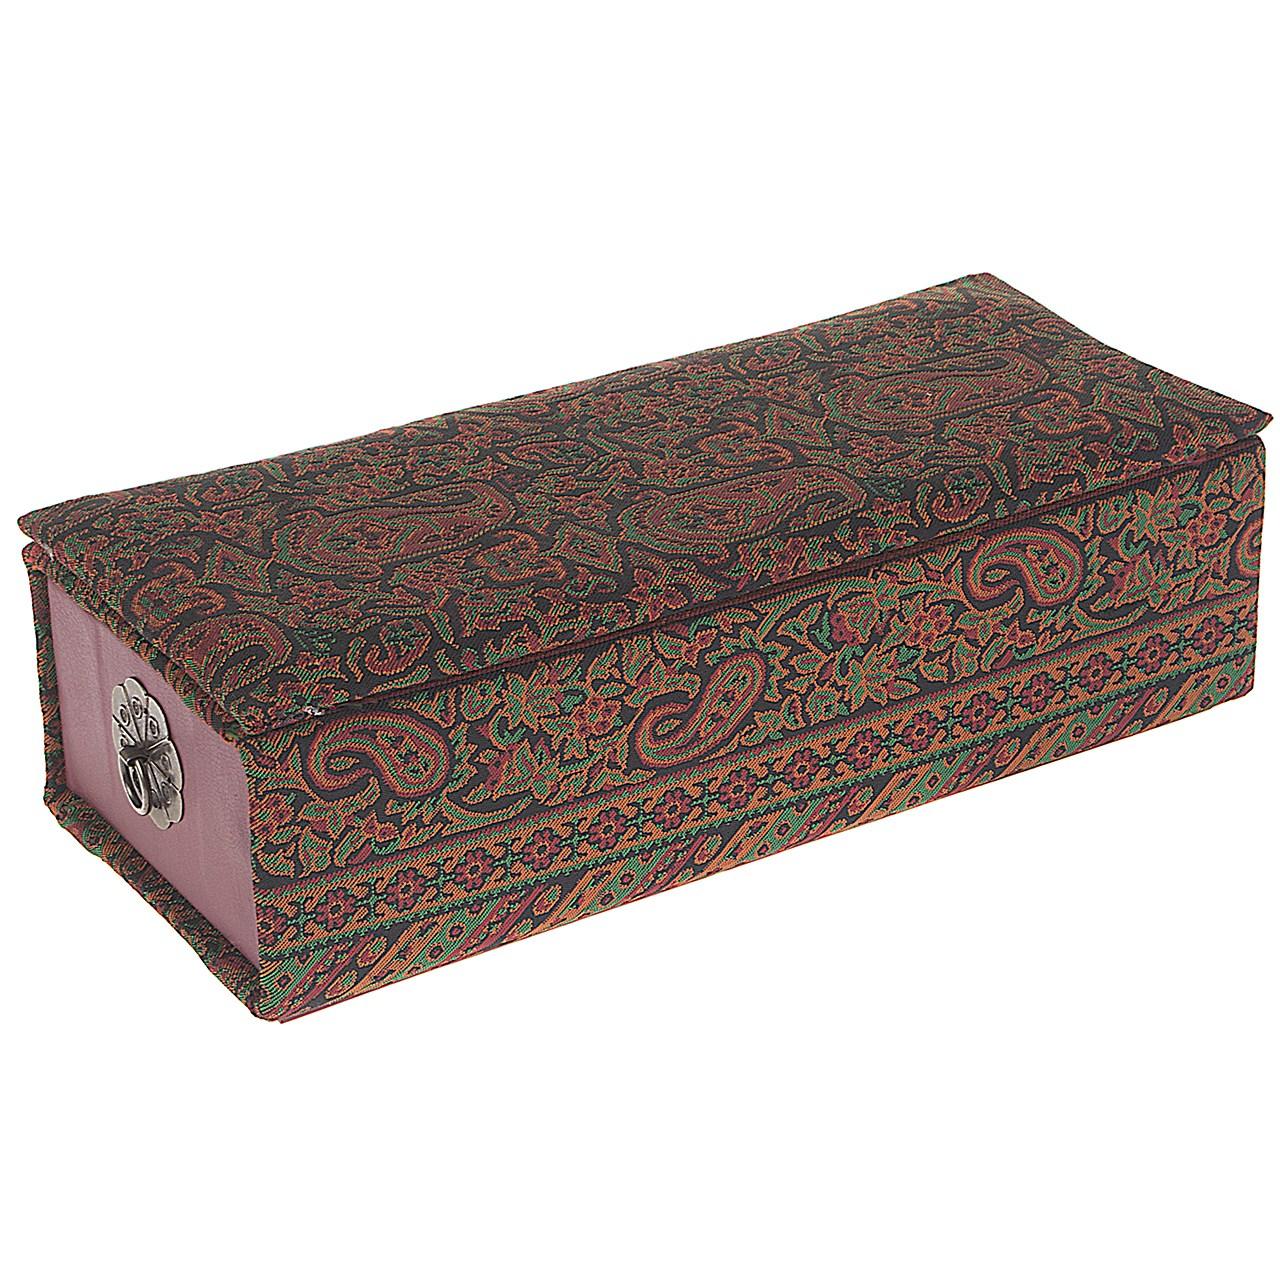 جعبه کارد و چنگال ترمه سنا مدل کشویی